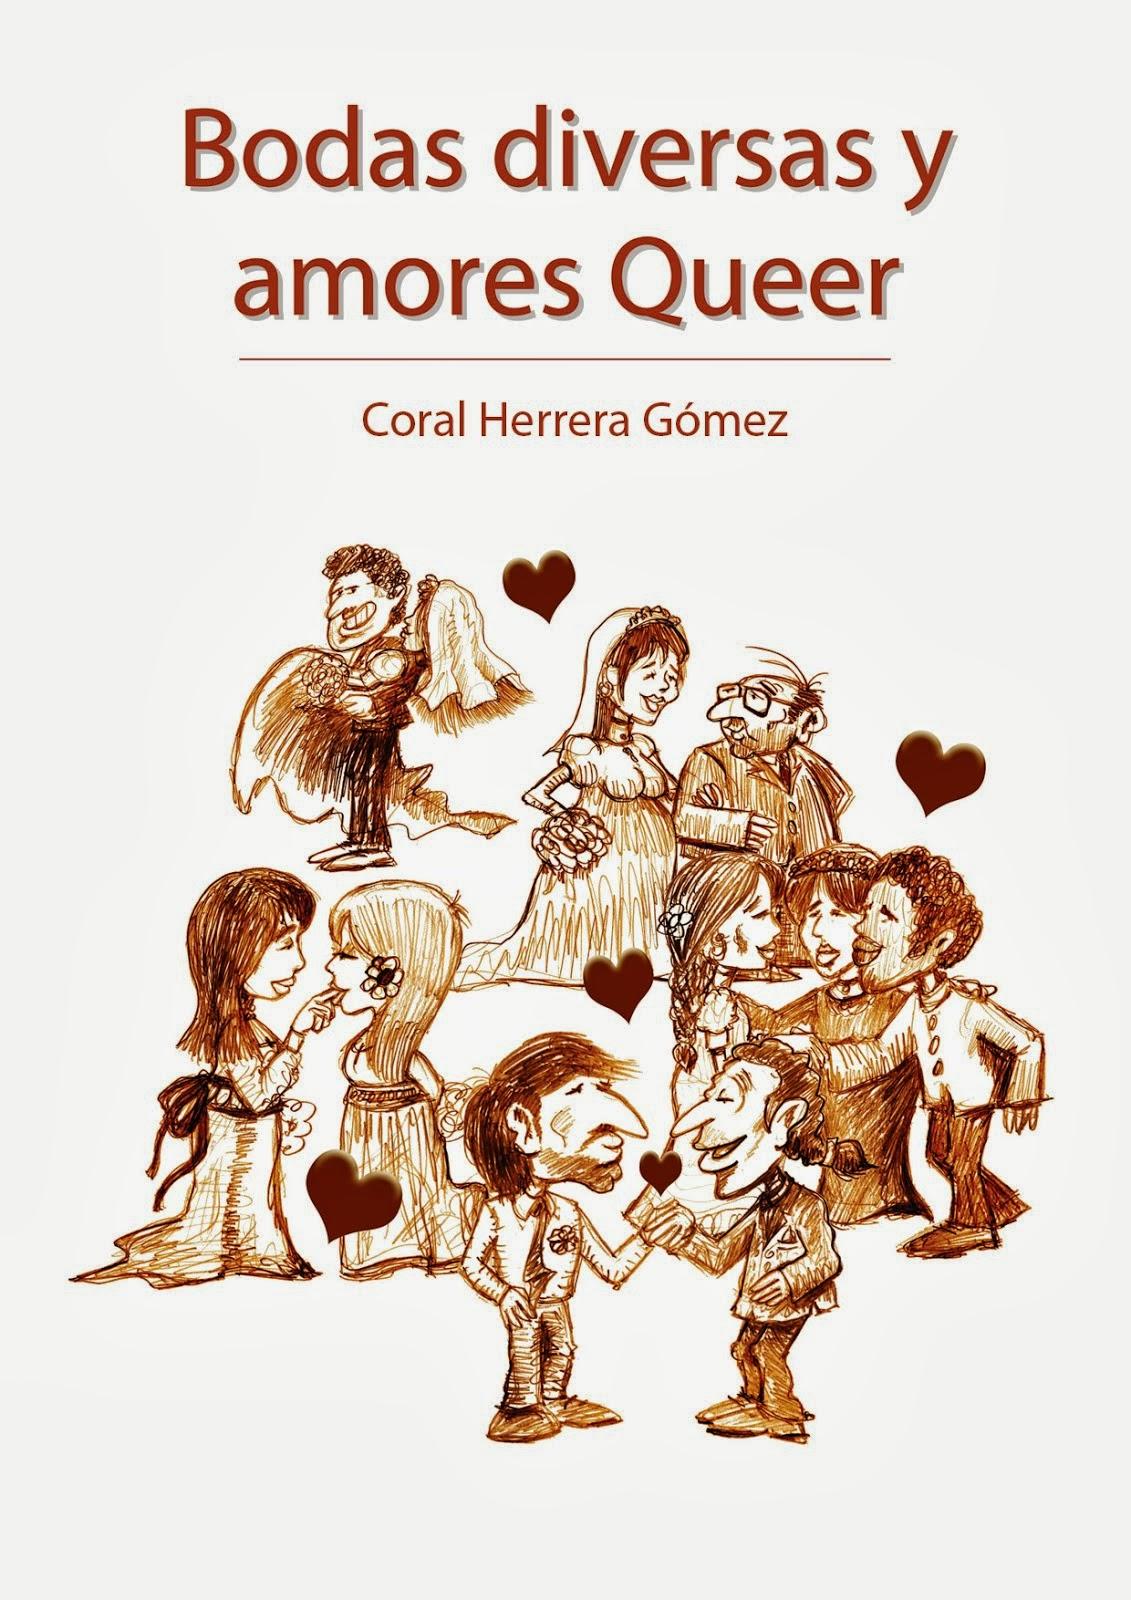 Bodas diversas y amores Queer.